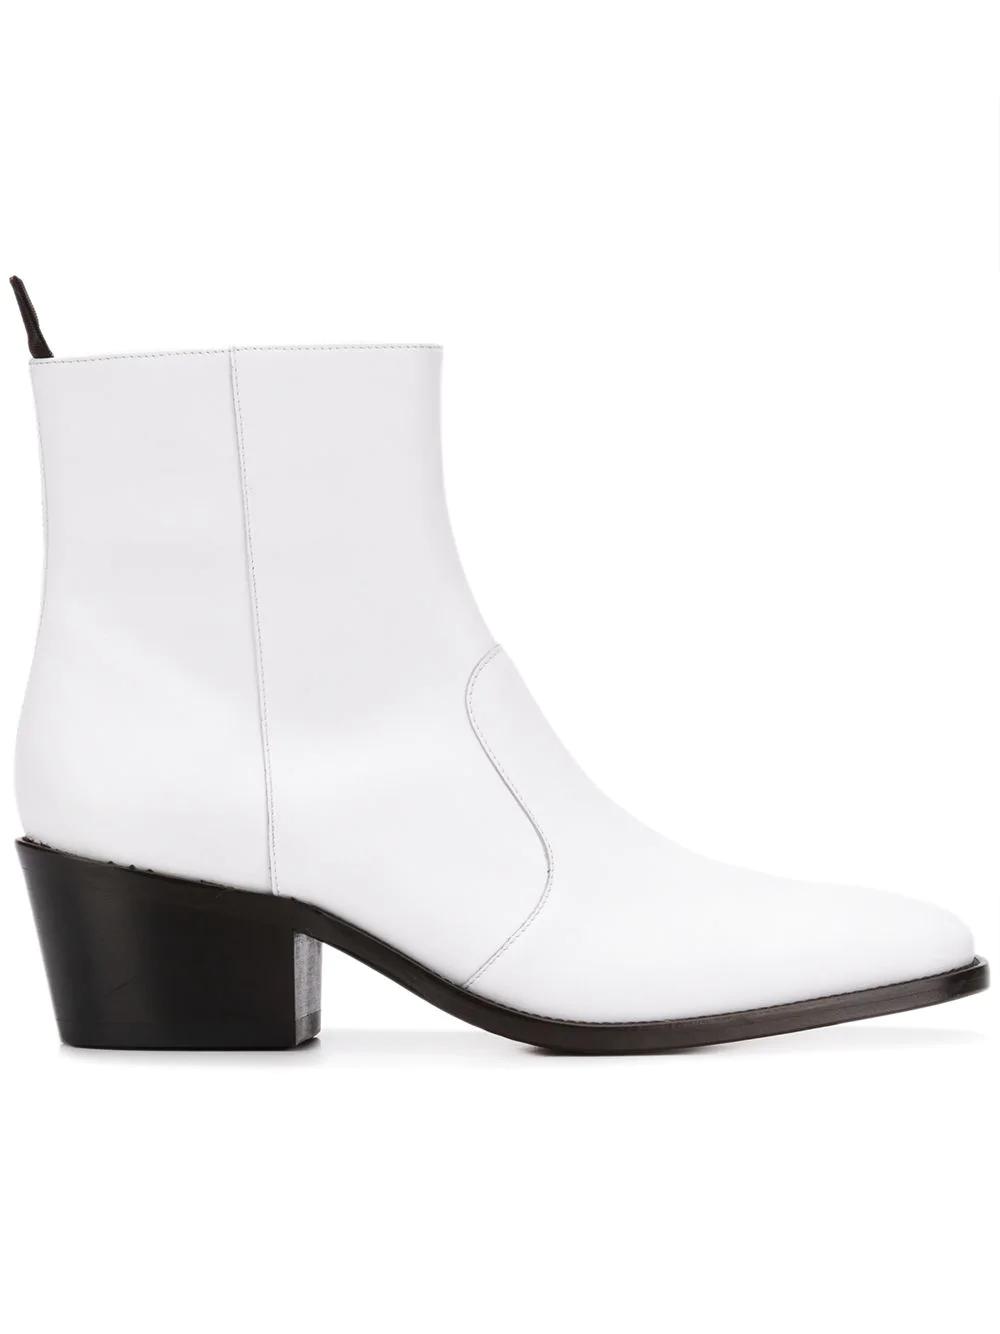 104ac36f50c6b Acne Studios Square Toe Boots - White